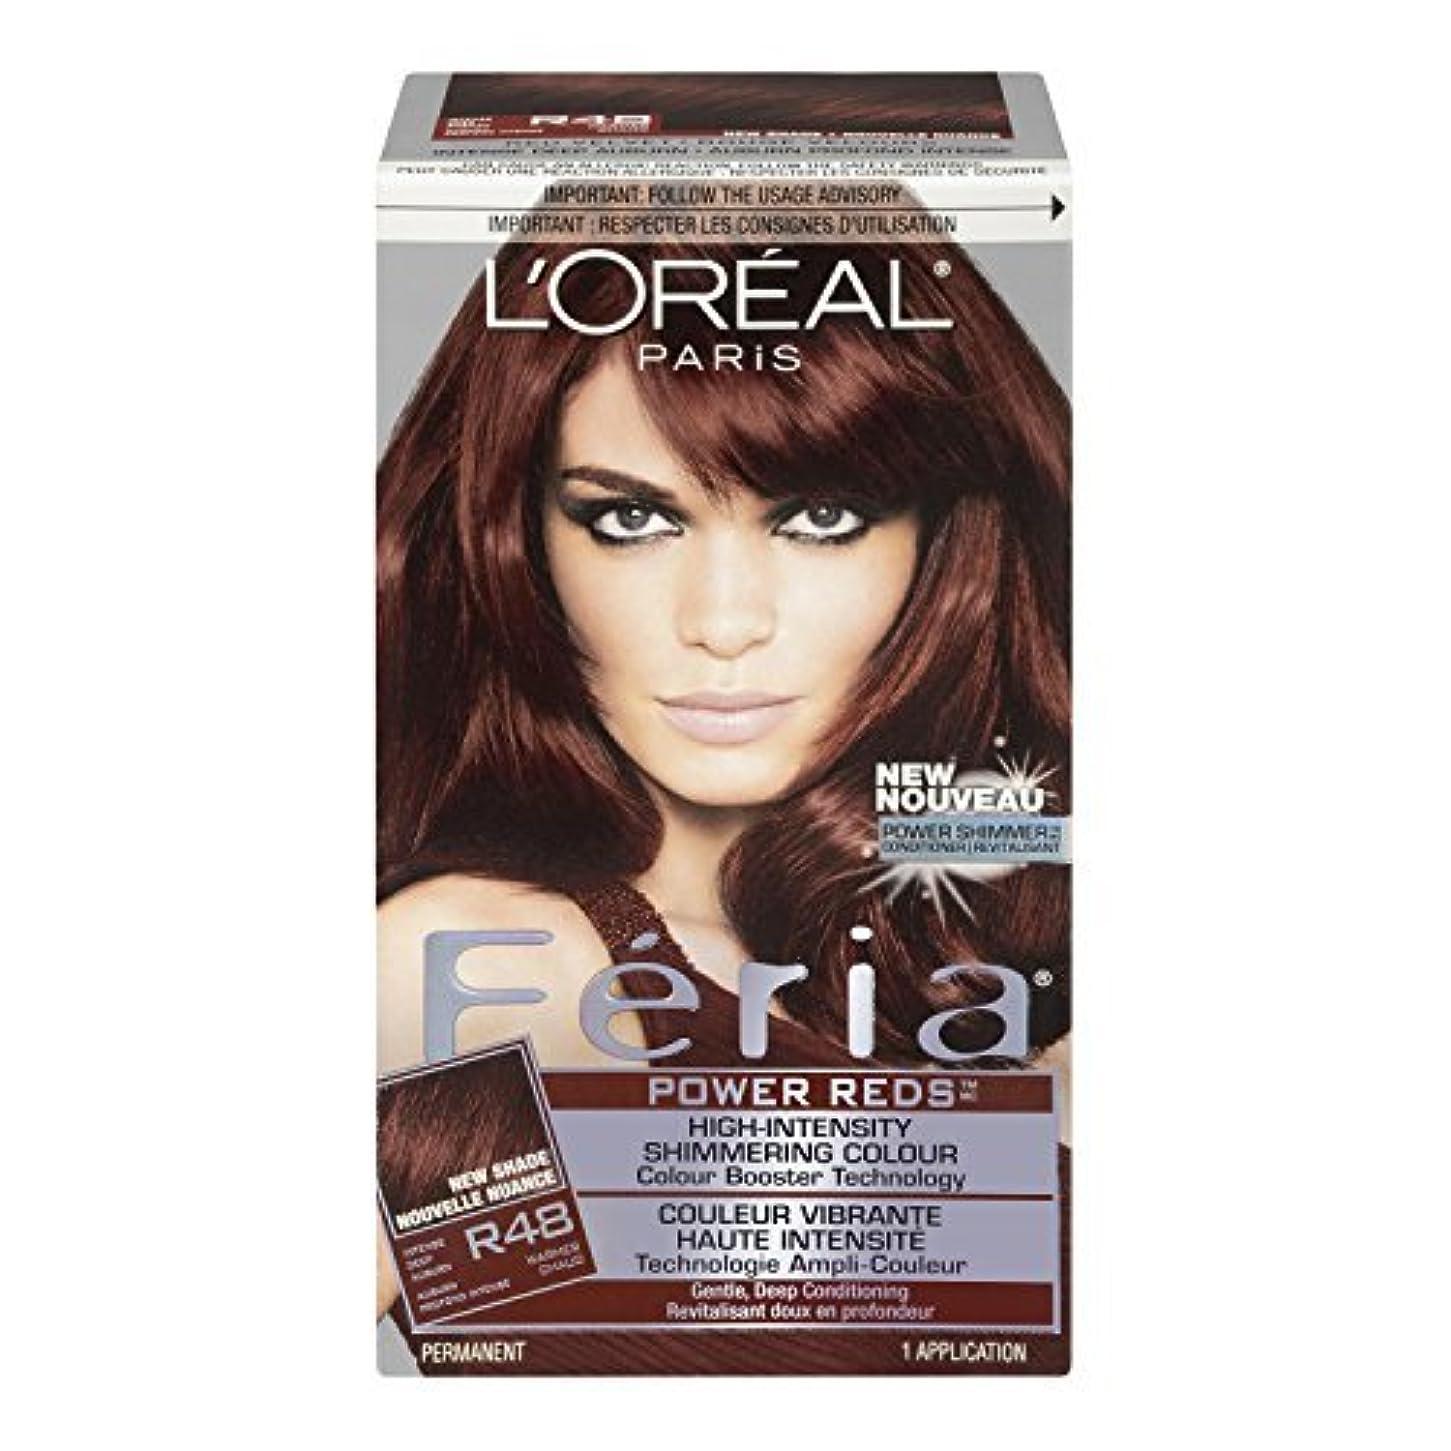 ハドル解釈する見捨てられたL'Oreal Feria Power Reds Hair Color, R48 Intense Deep Auburn/Red Velvet by L'Oreal Paris Hair Color [並行輸入品]